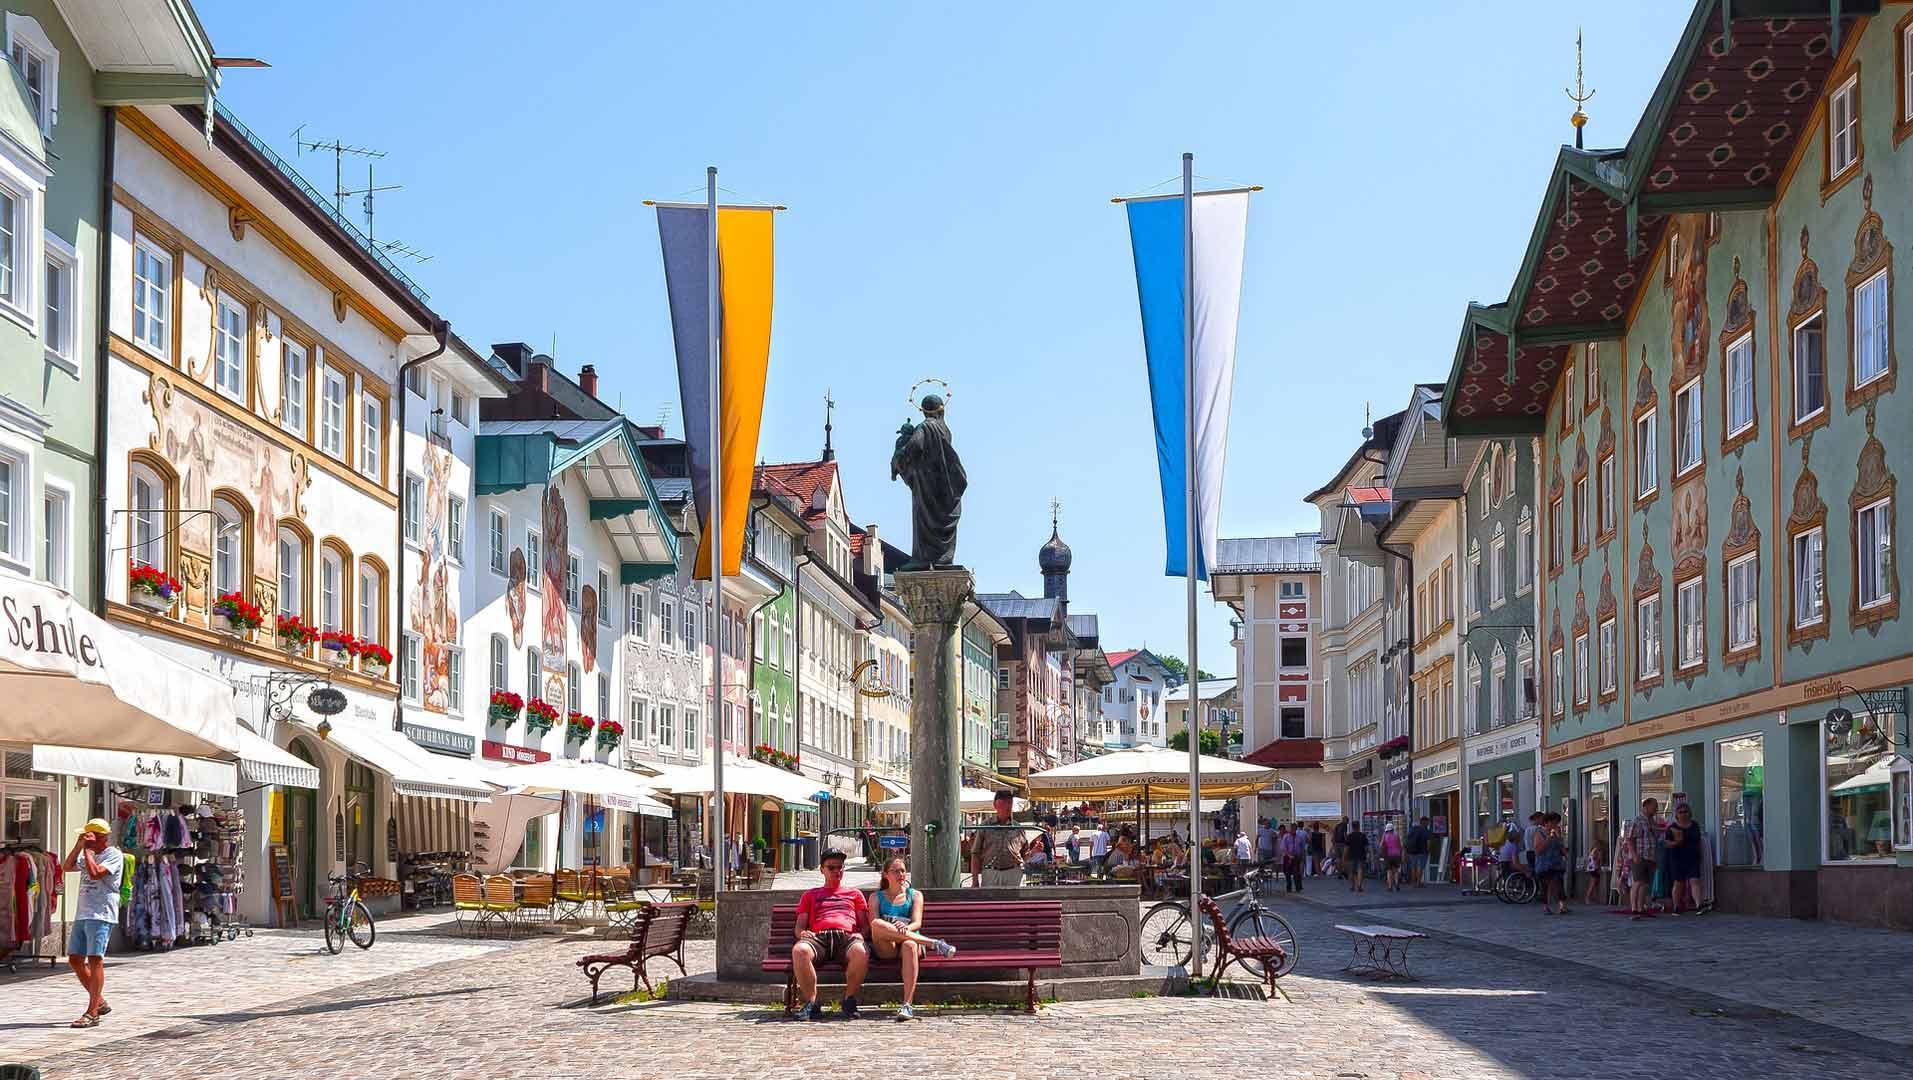 De historische marktstraat van Bad Tölz is een bezoek waard